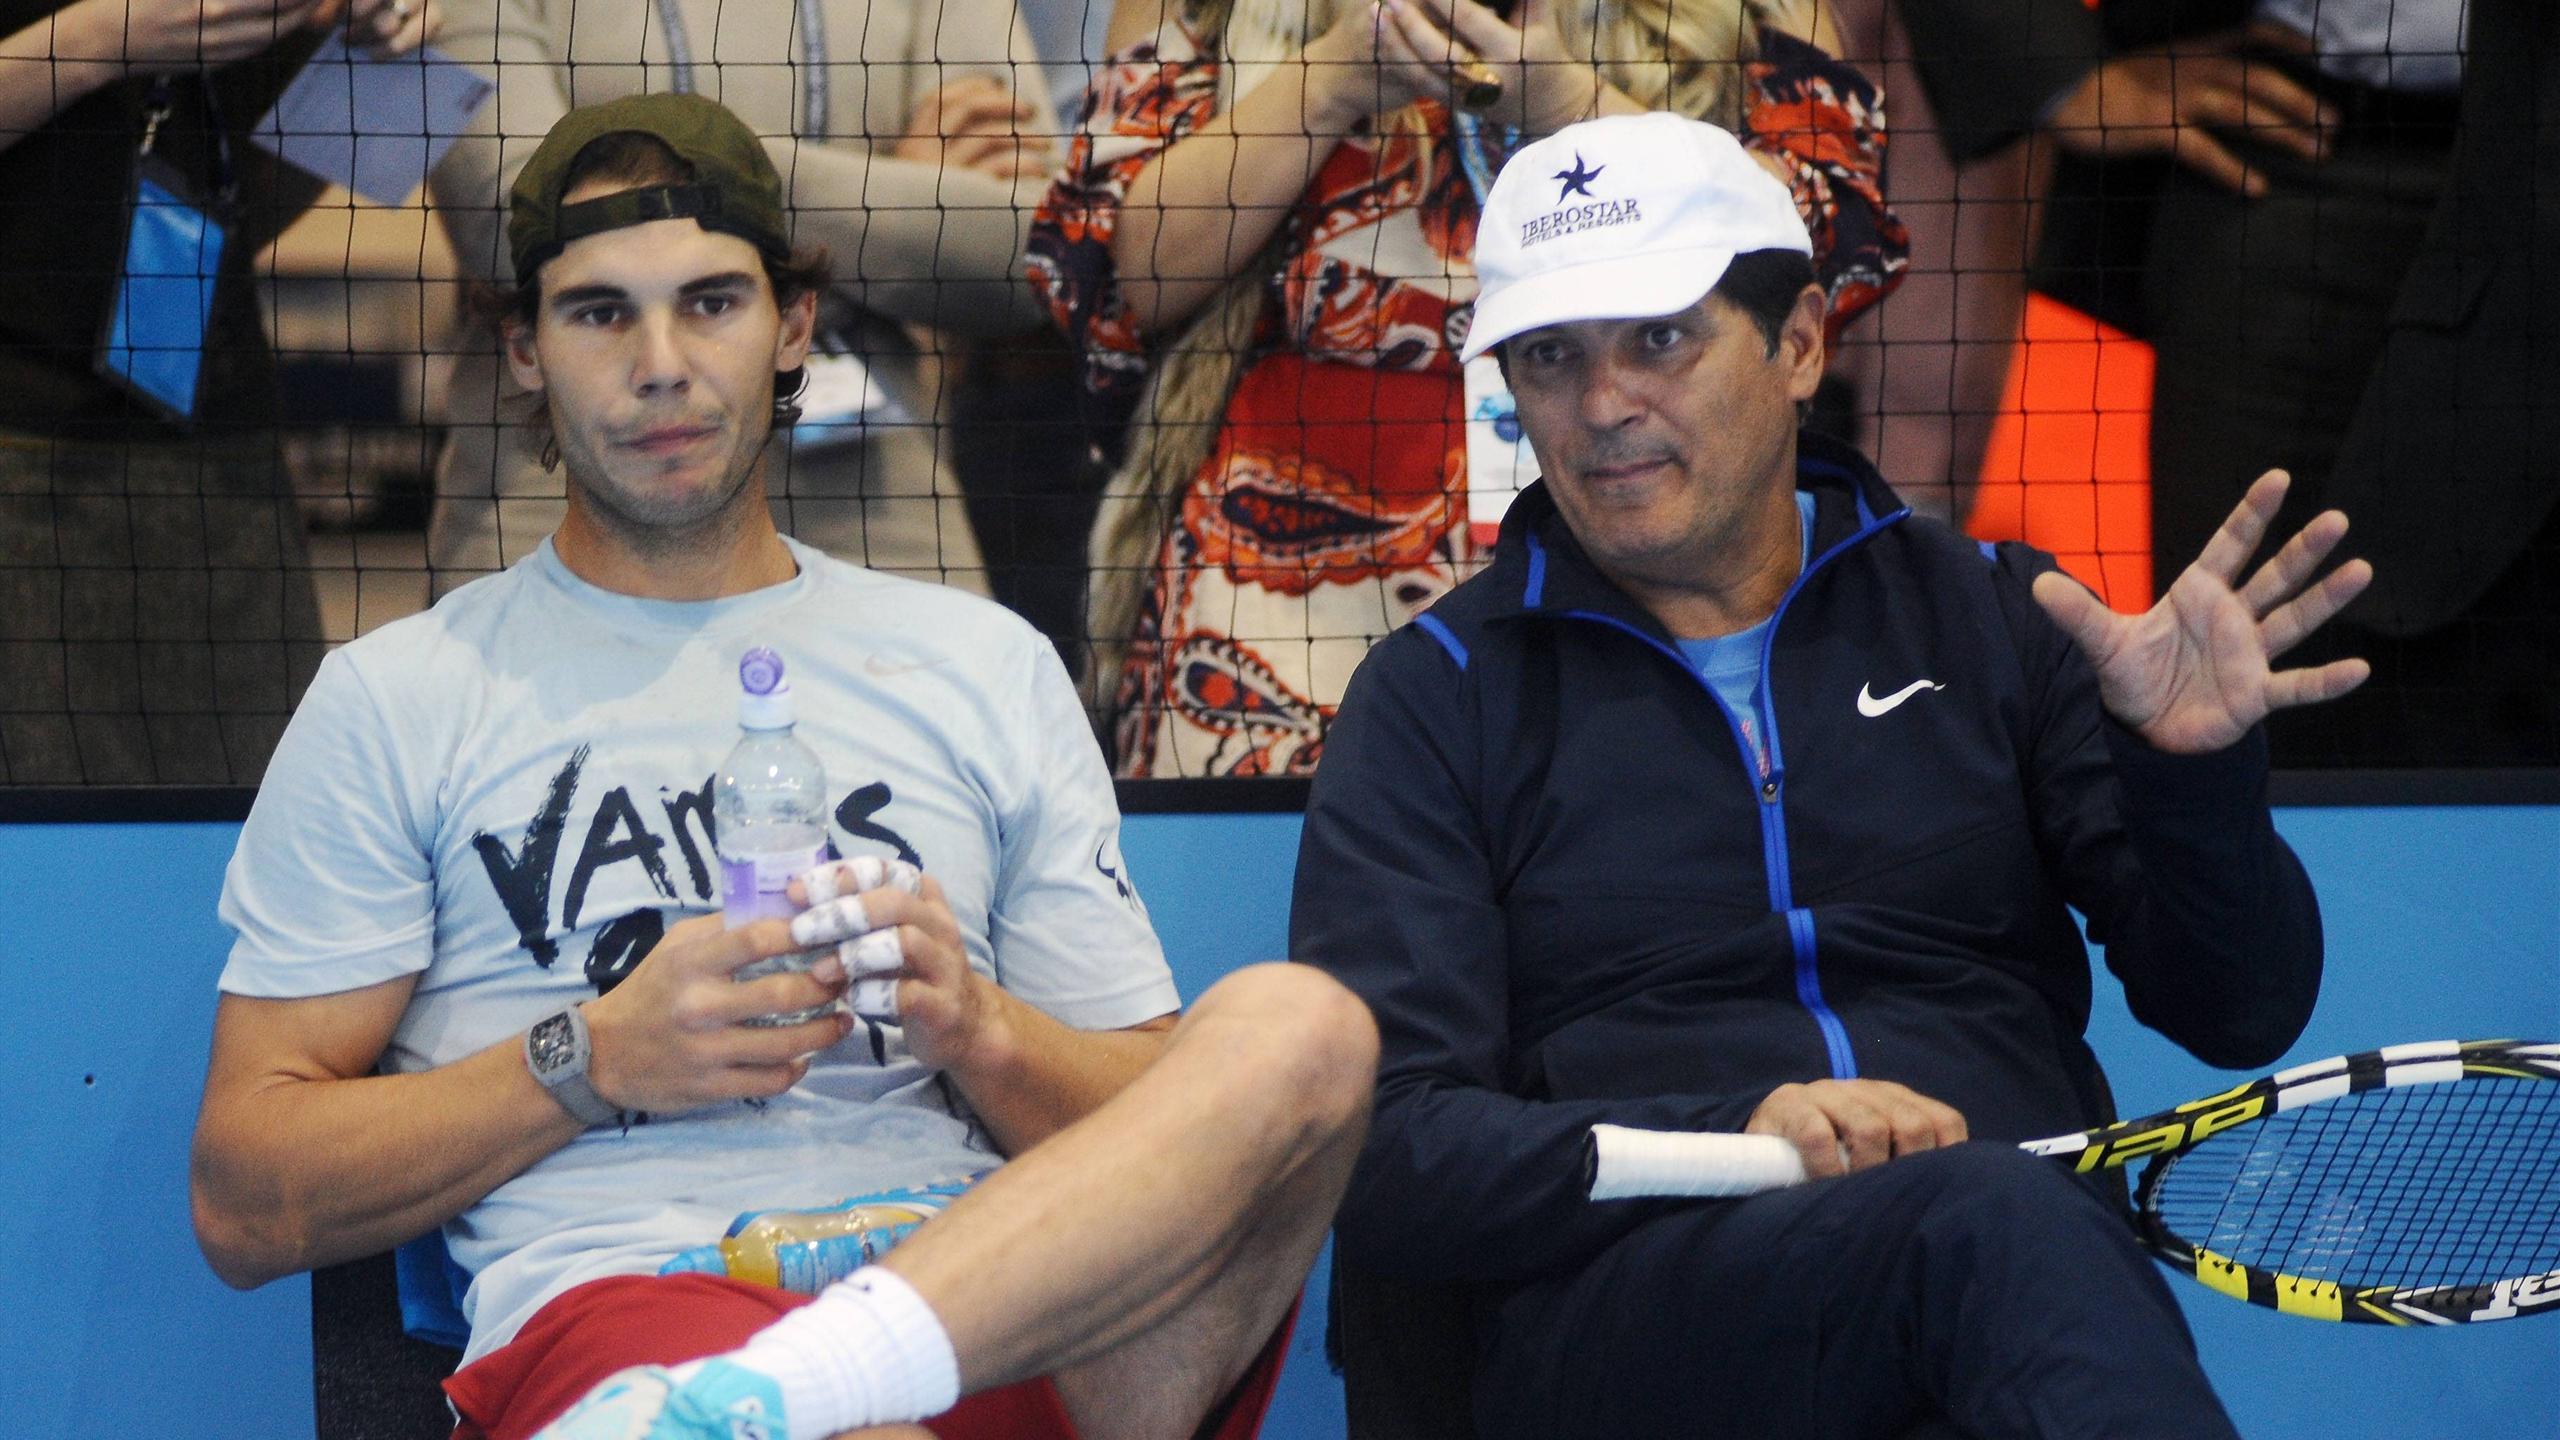 Rafael Nadal (L) and Toni Nadal